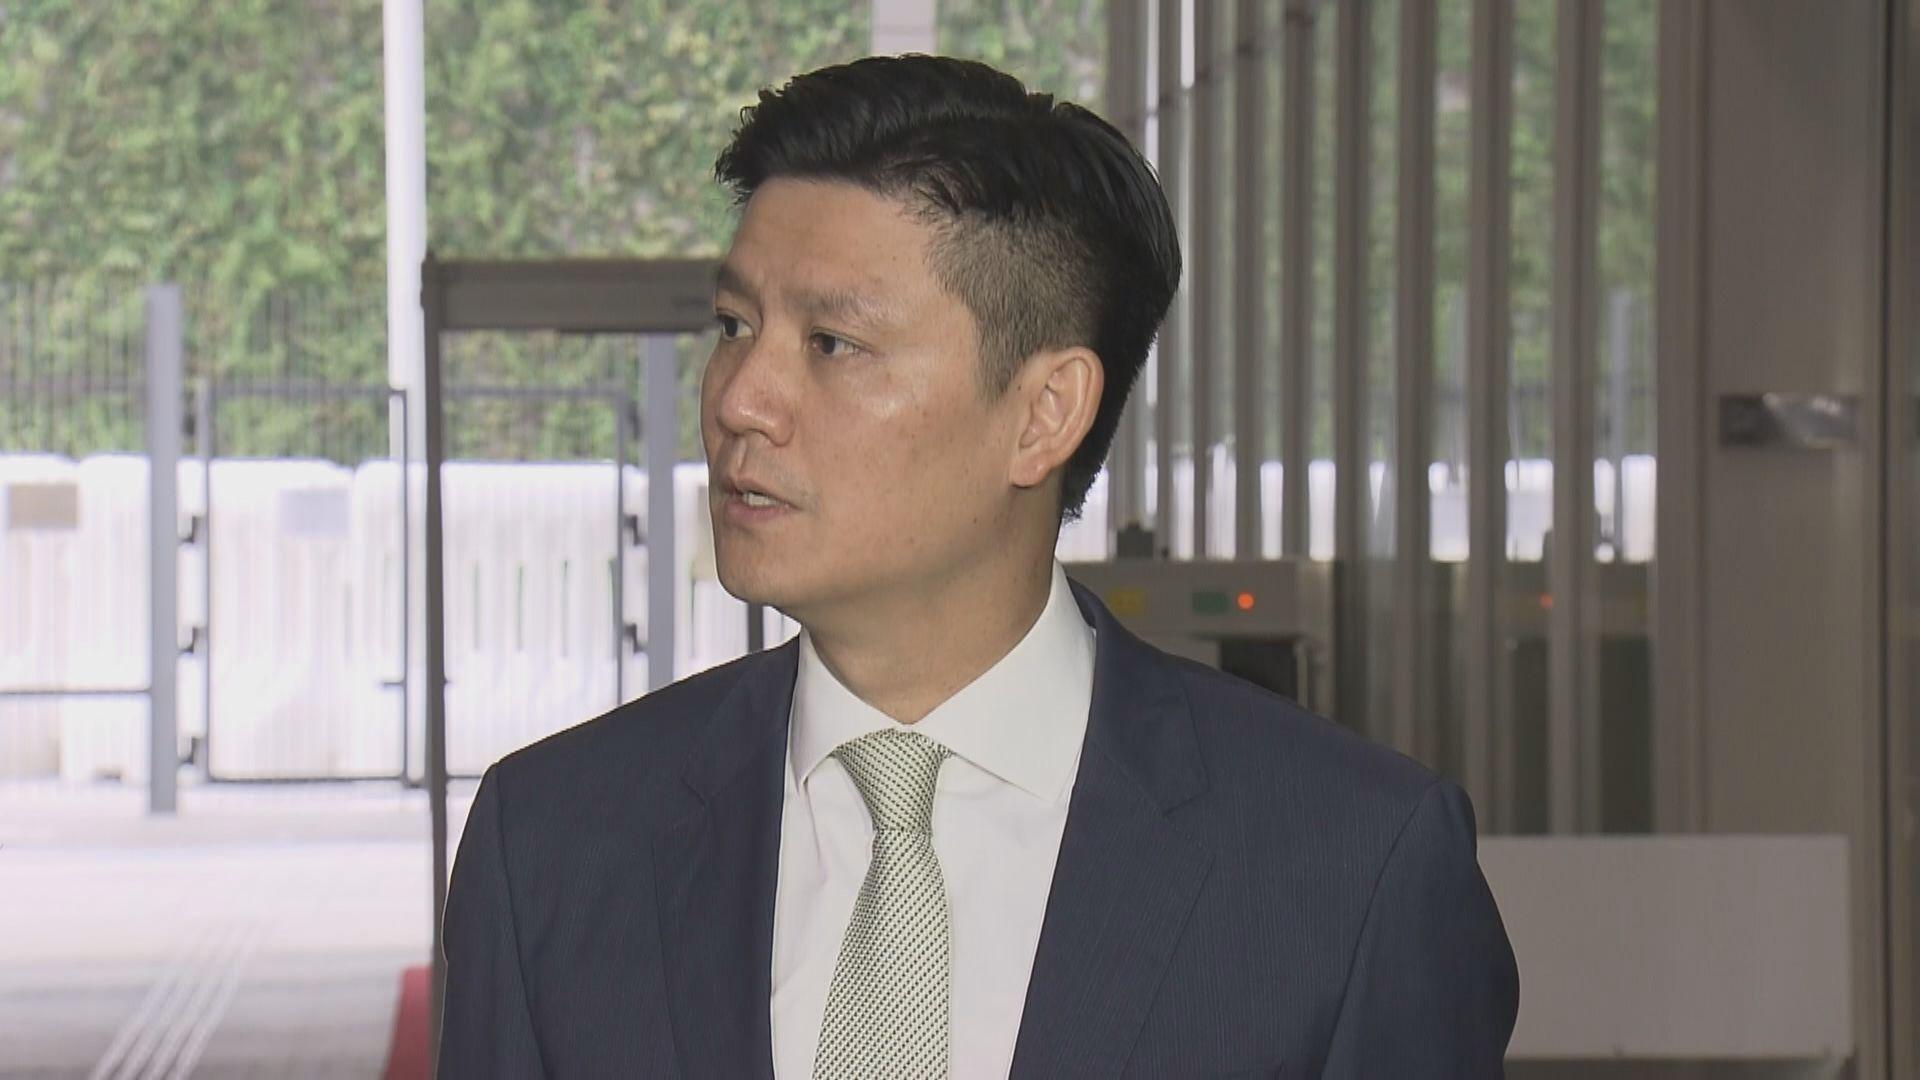 譚文豪向國泰請辭 免公司受政治壓力